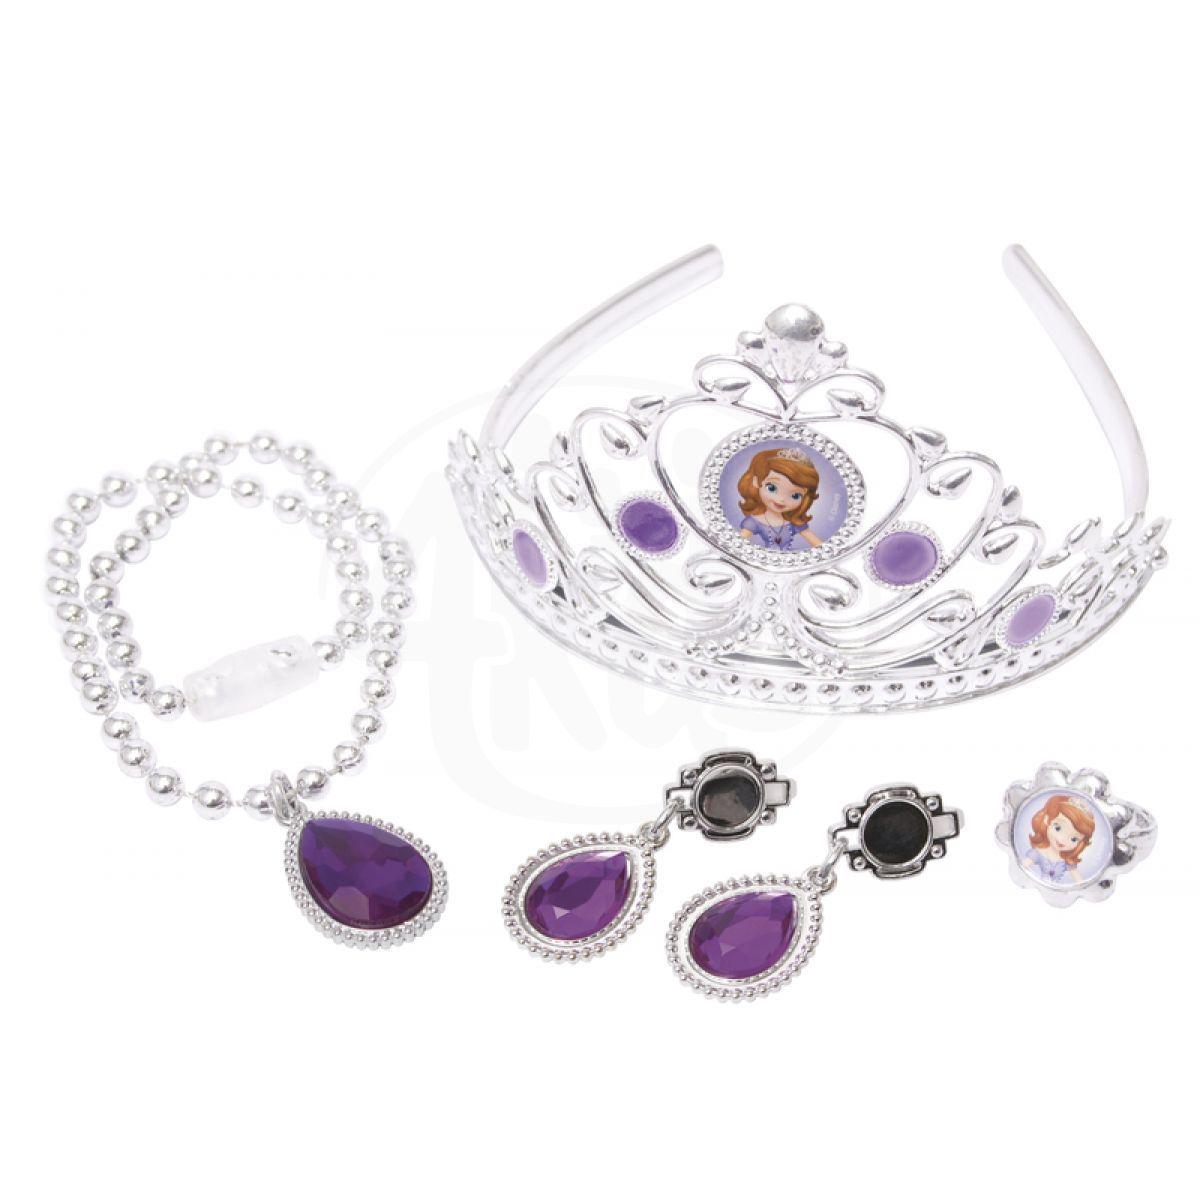 Black Fire Disney Princezna Sofie První Set s korunkou a šperky 6f750c7a3c